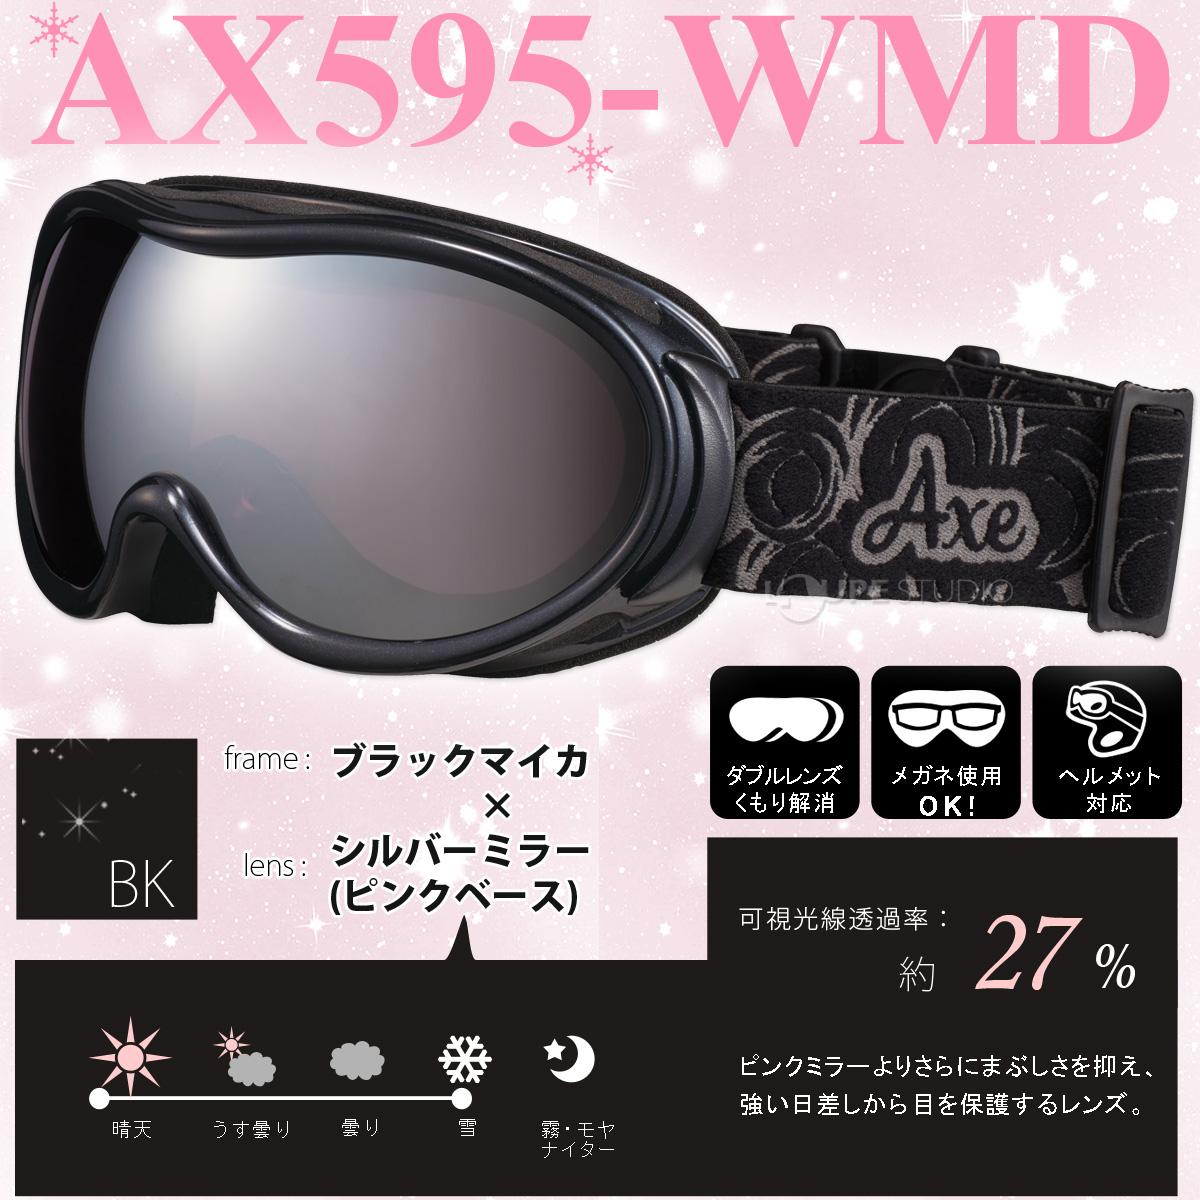 AX595-WMD